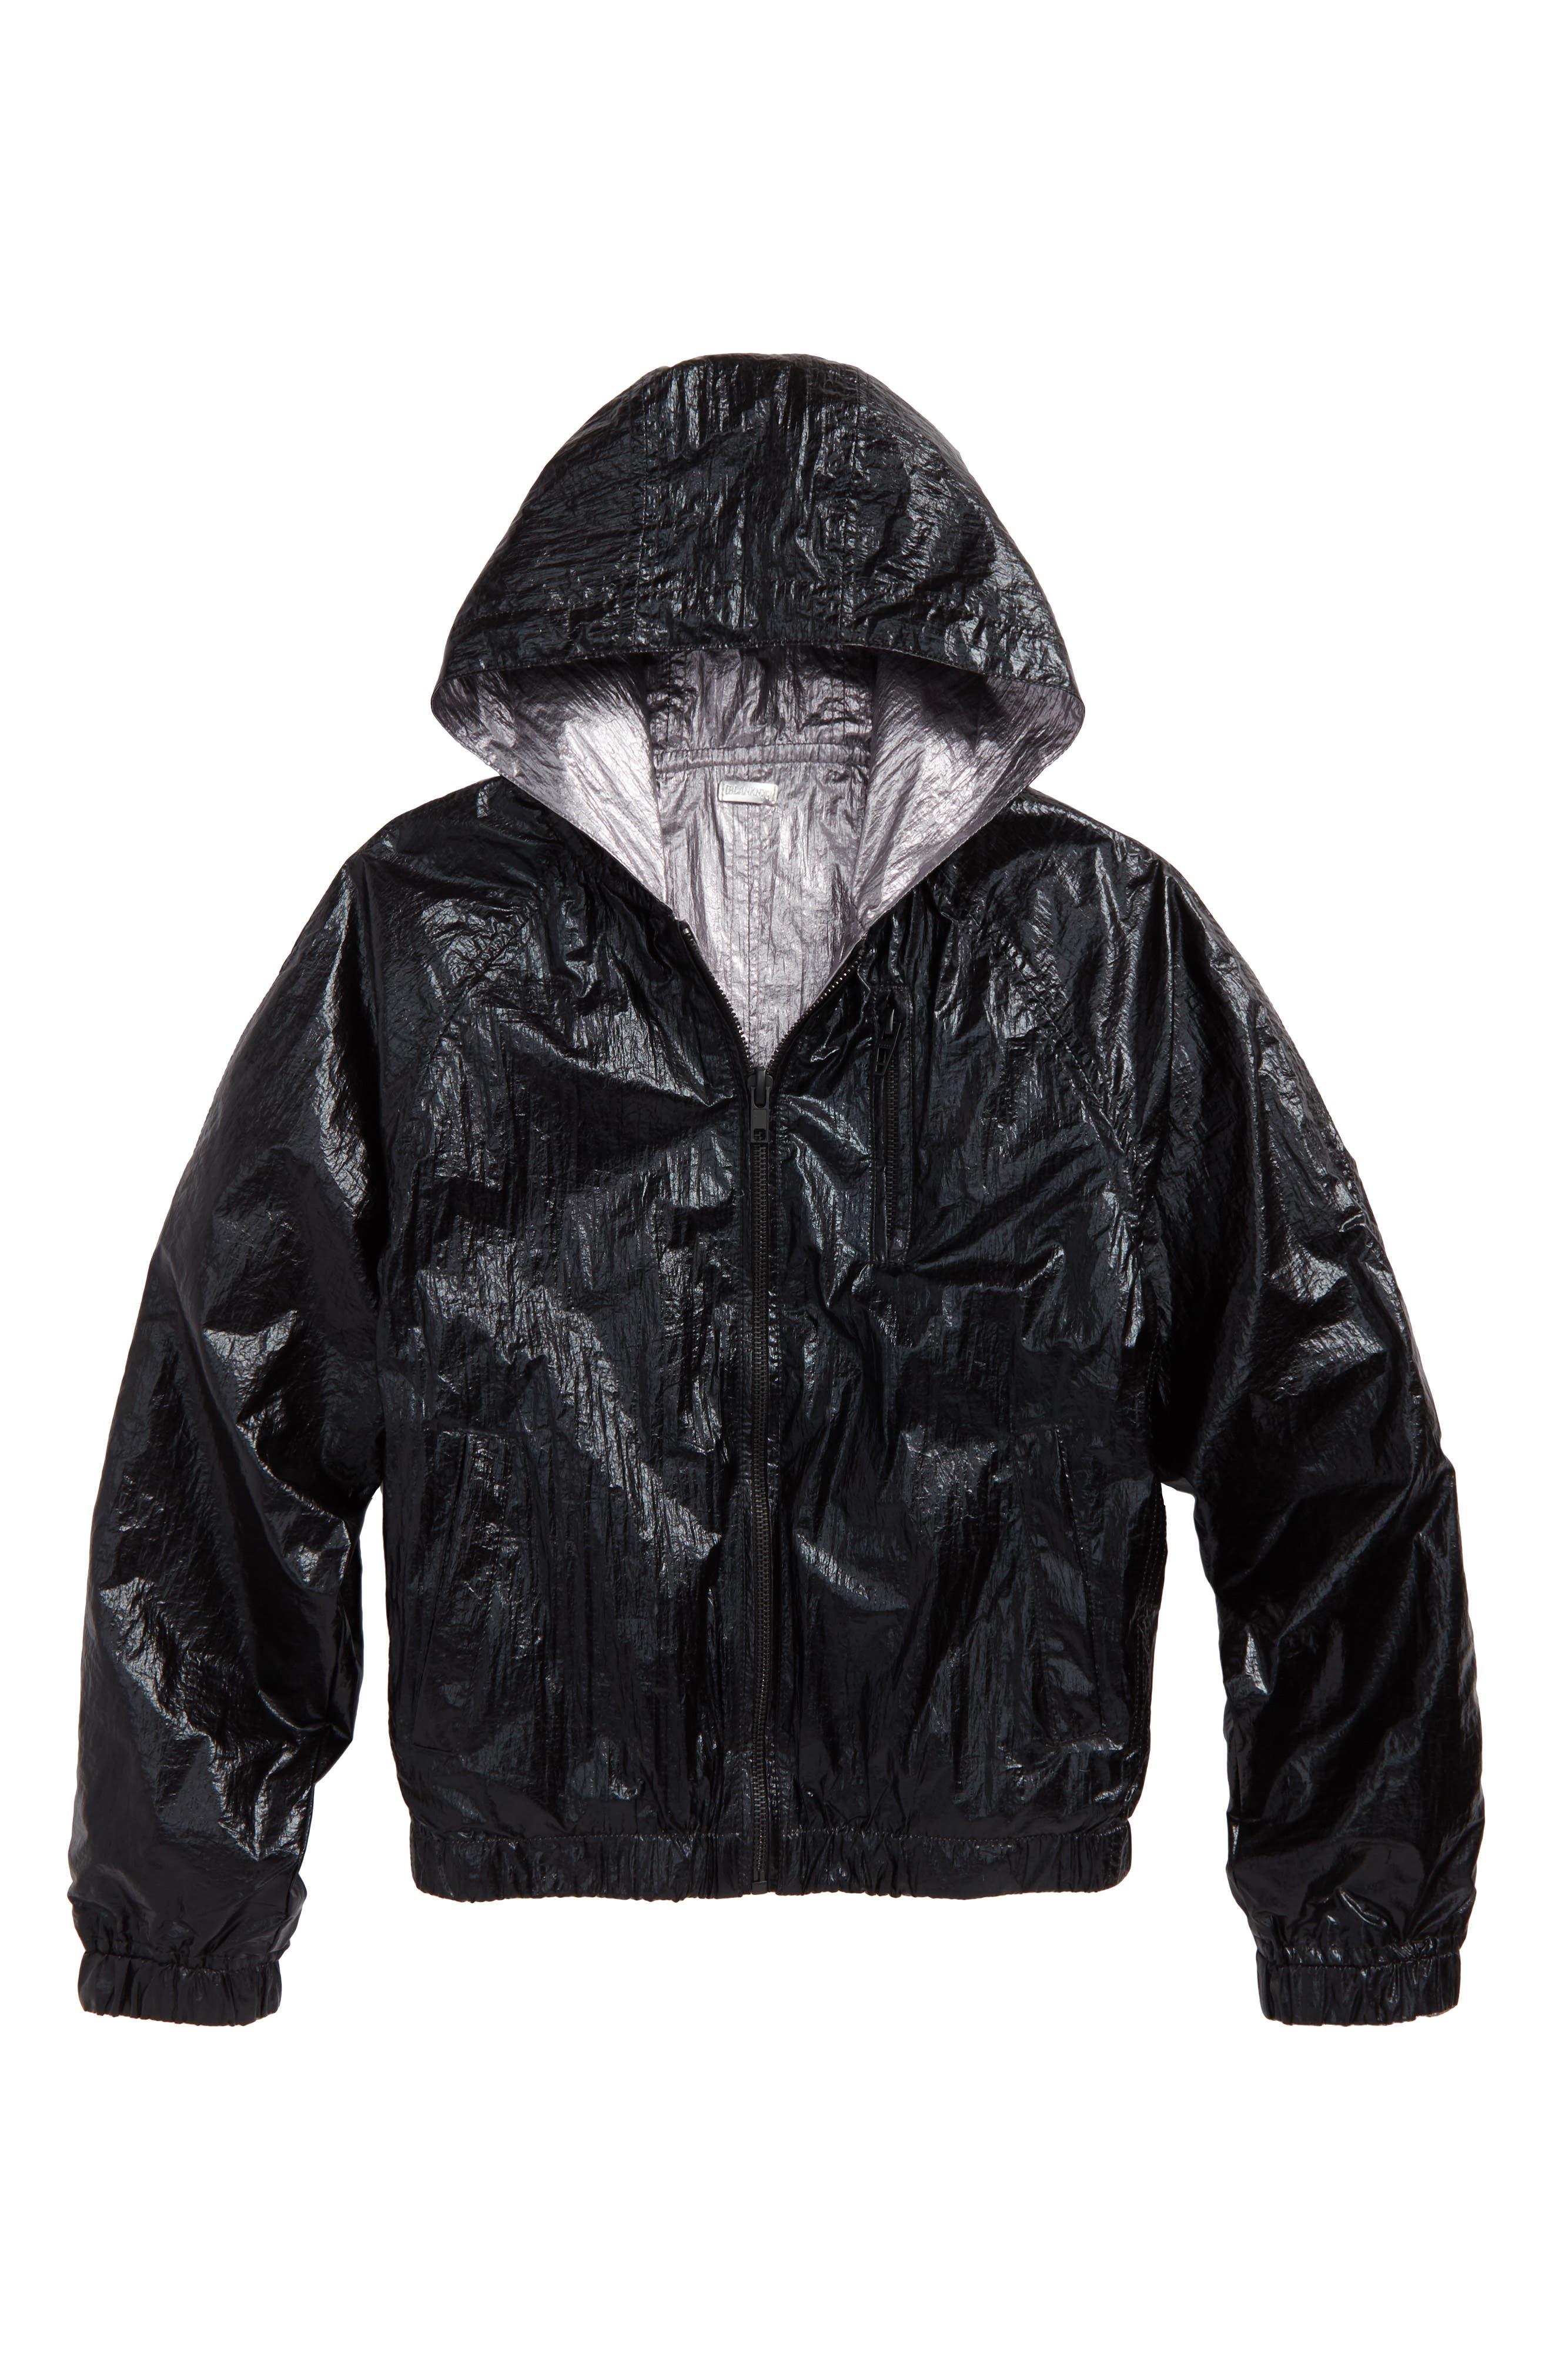 BLANCNYC Good Vibrations Reversible Hooded Jacket,                             Main thumbnail 1, color,                             Black/ Silver